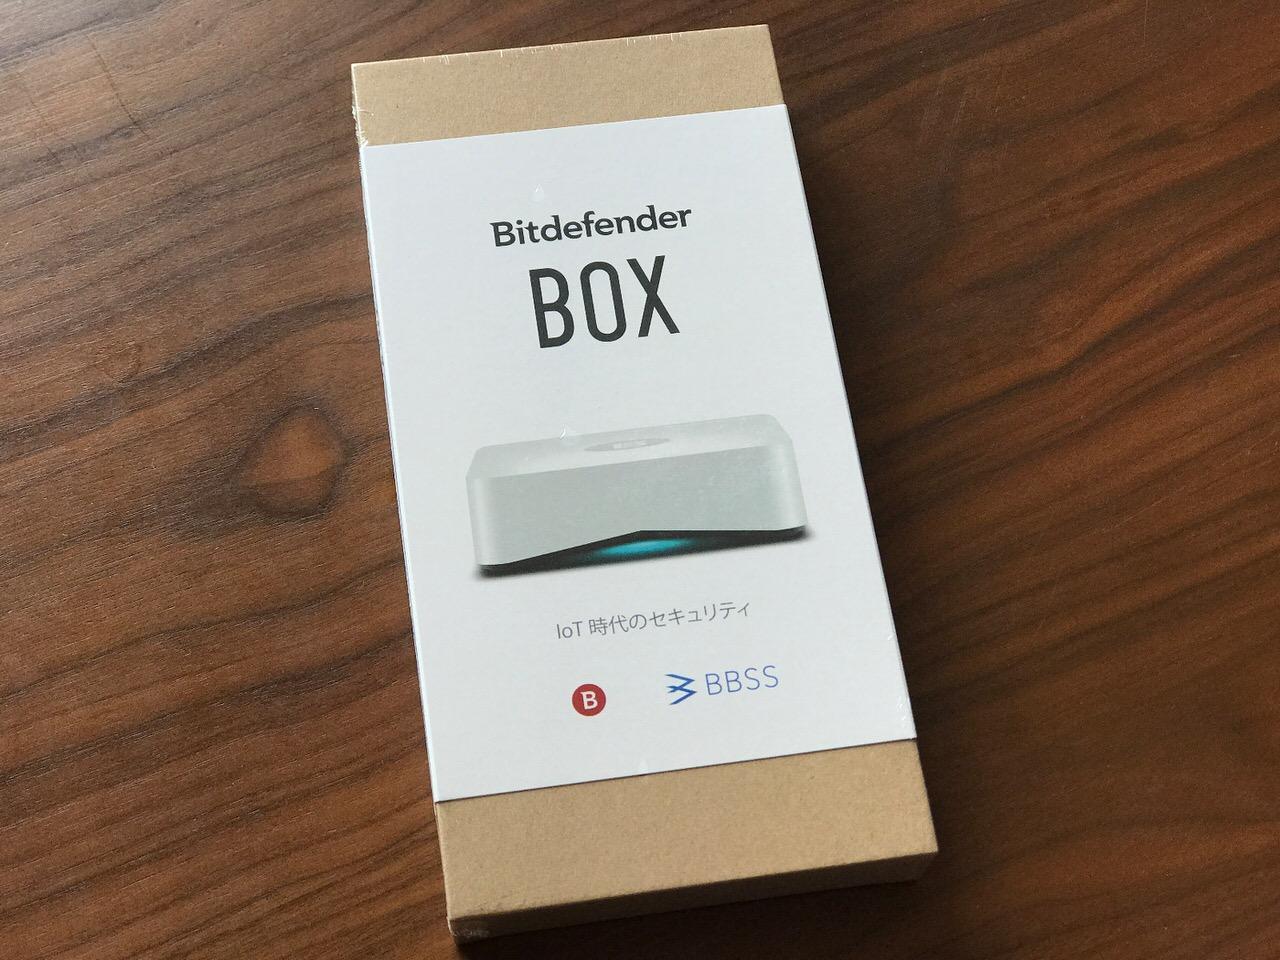 Bitdefender box 30258